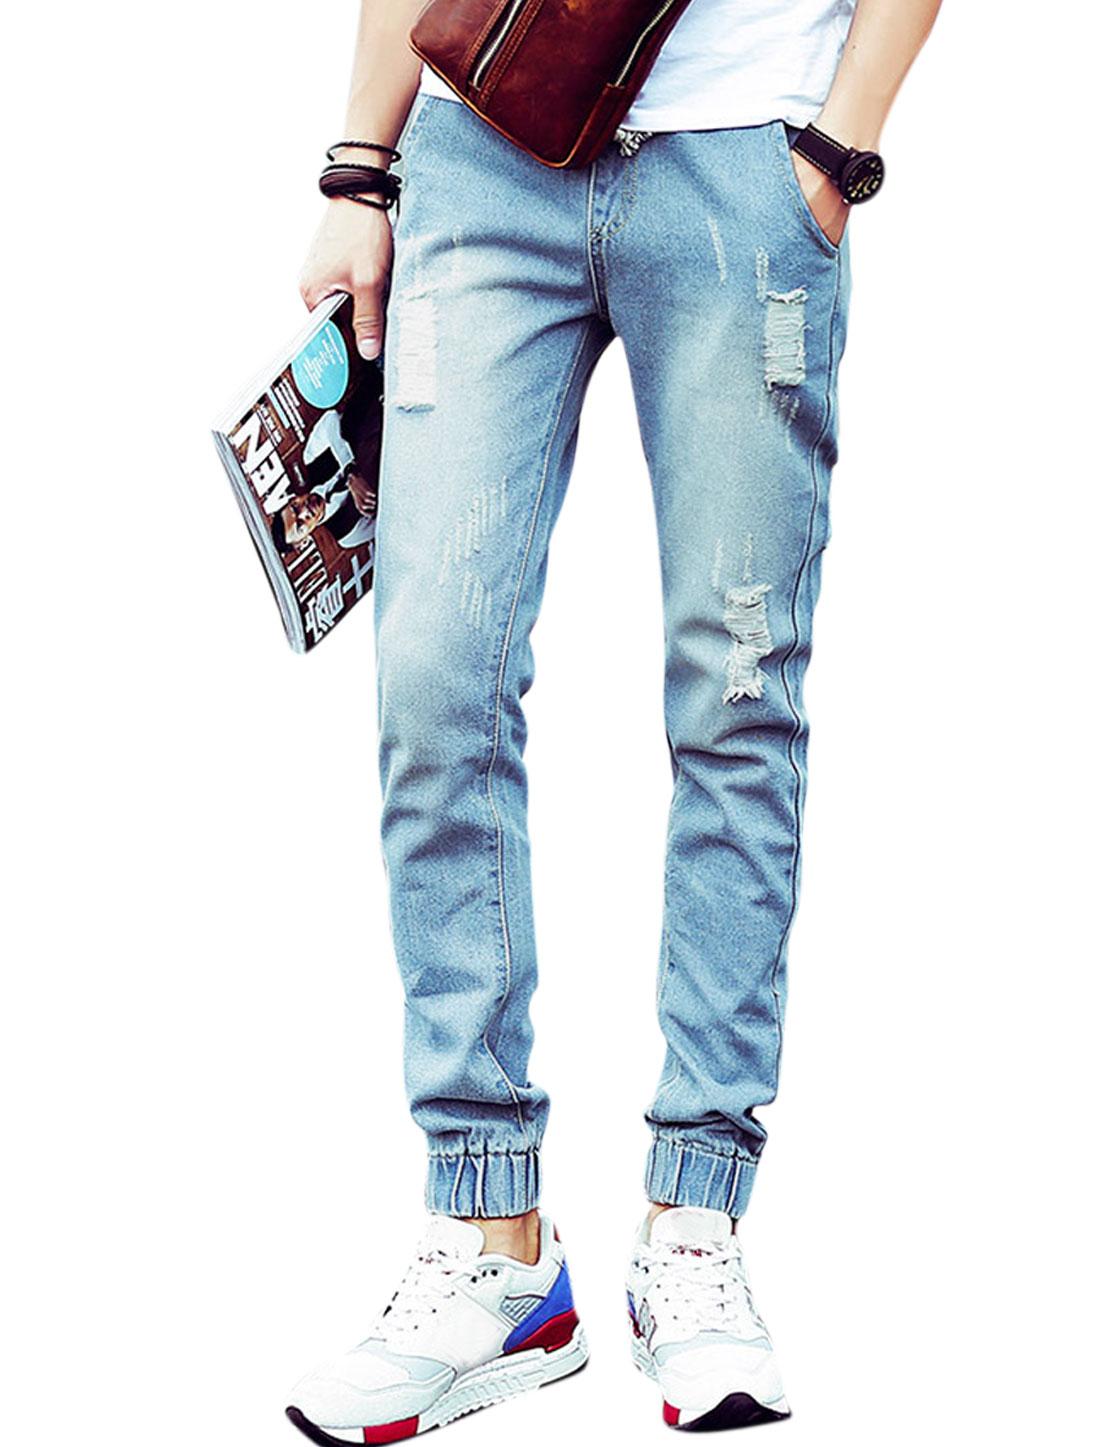 Men Elastic Waist Destroyed Design Welt Pockets Jeans Light Blue W30